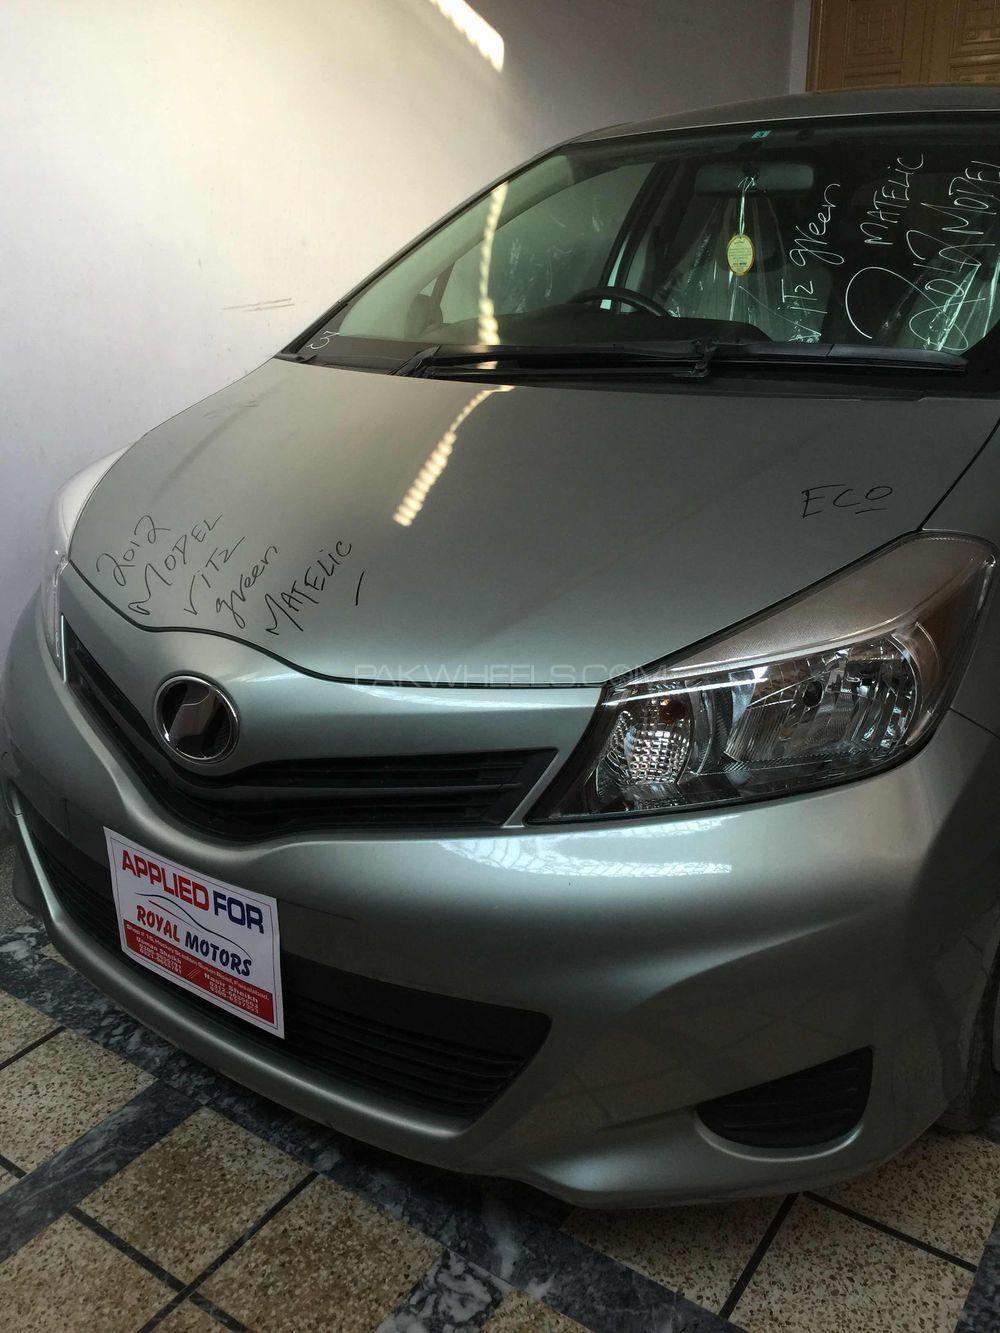 Toyota Vitz - 2012 vitz Image-1